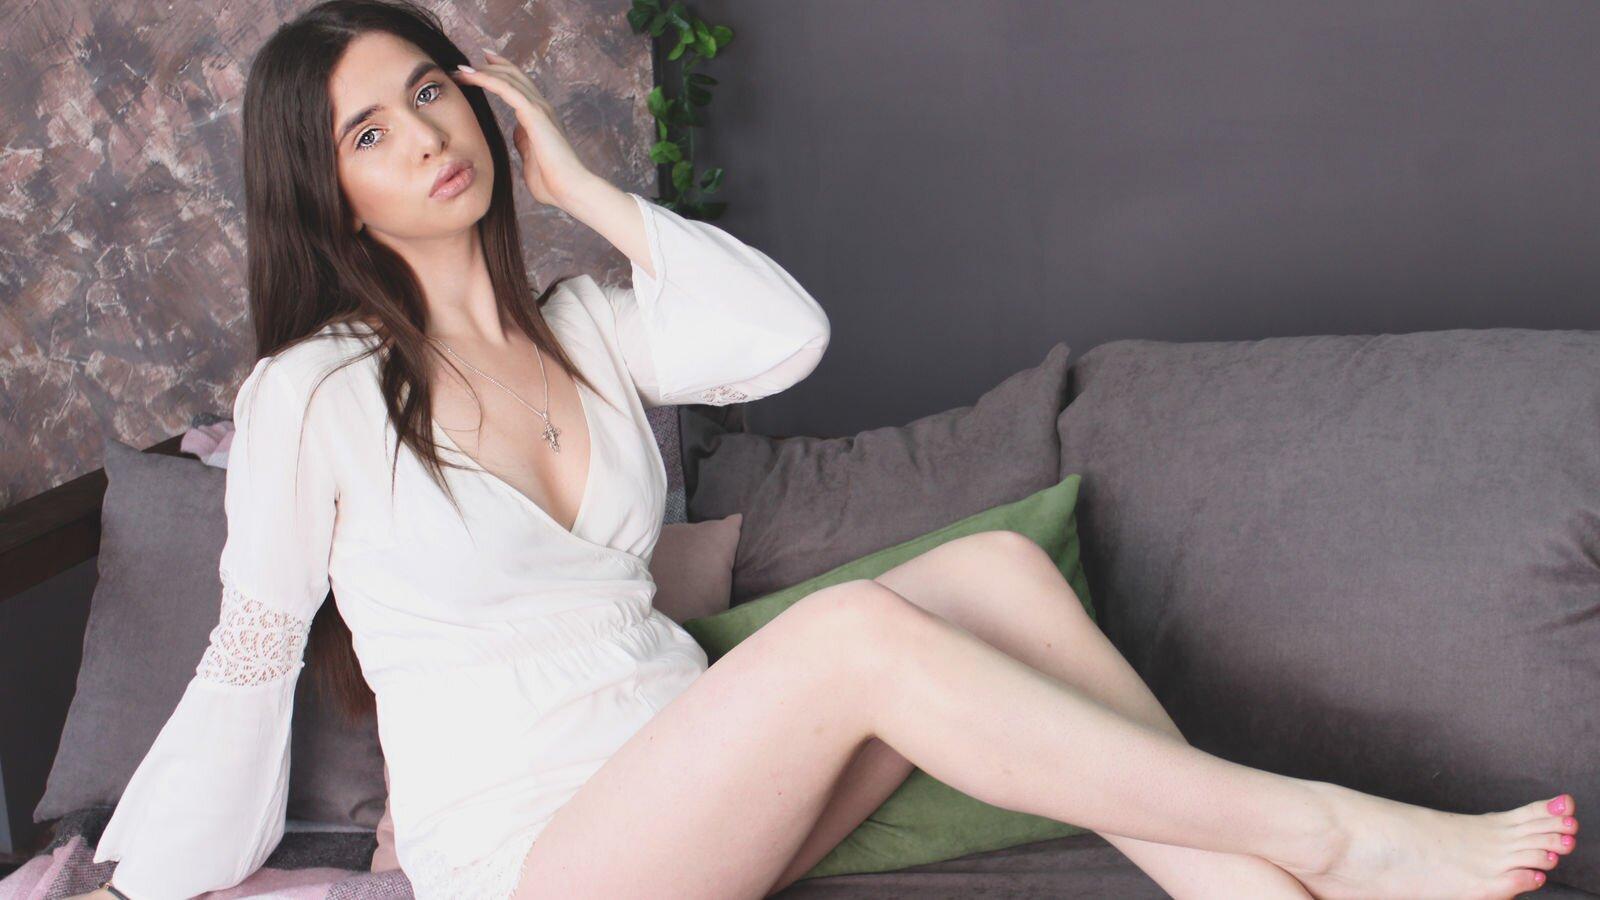 IsabellaHubbard